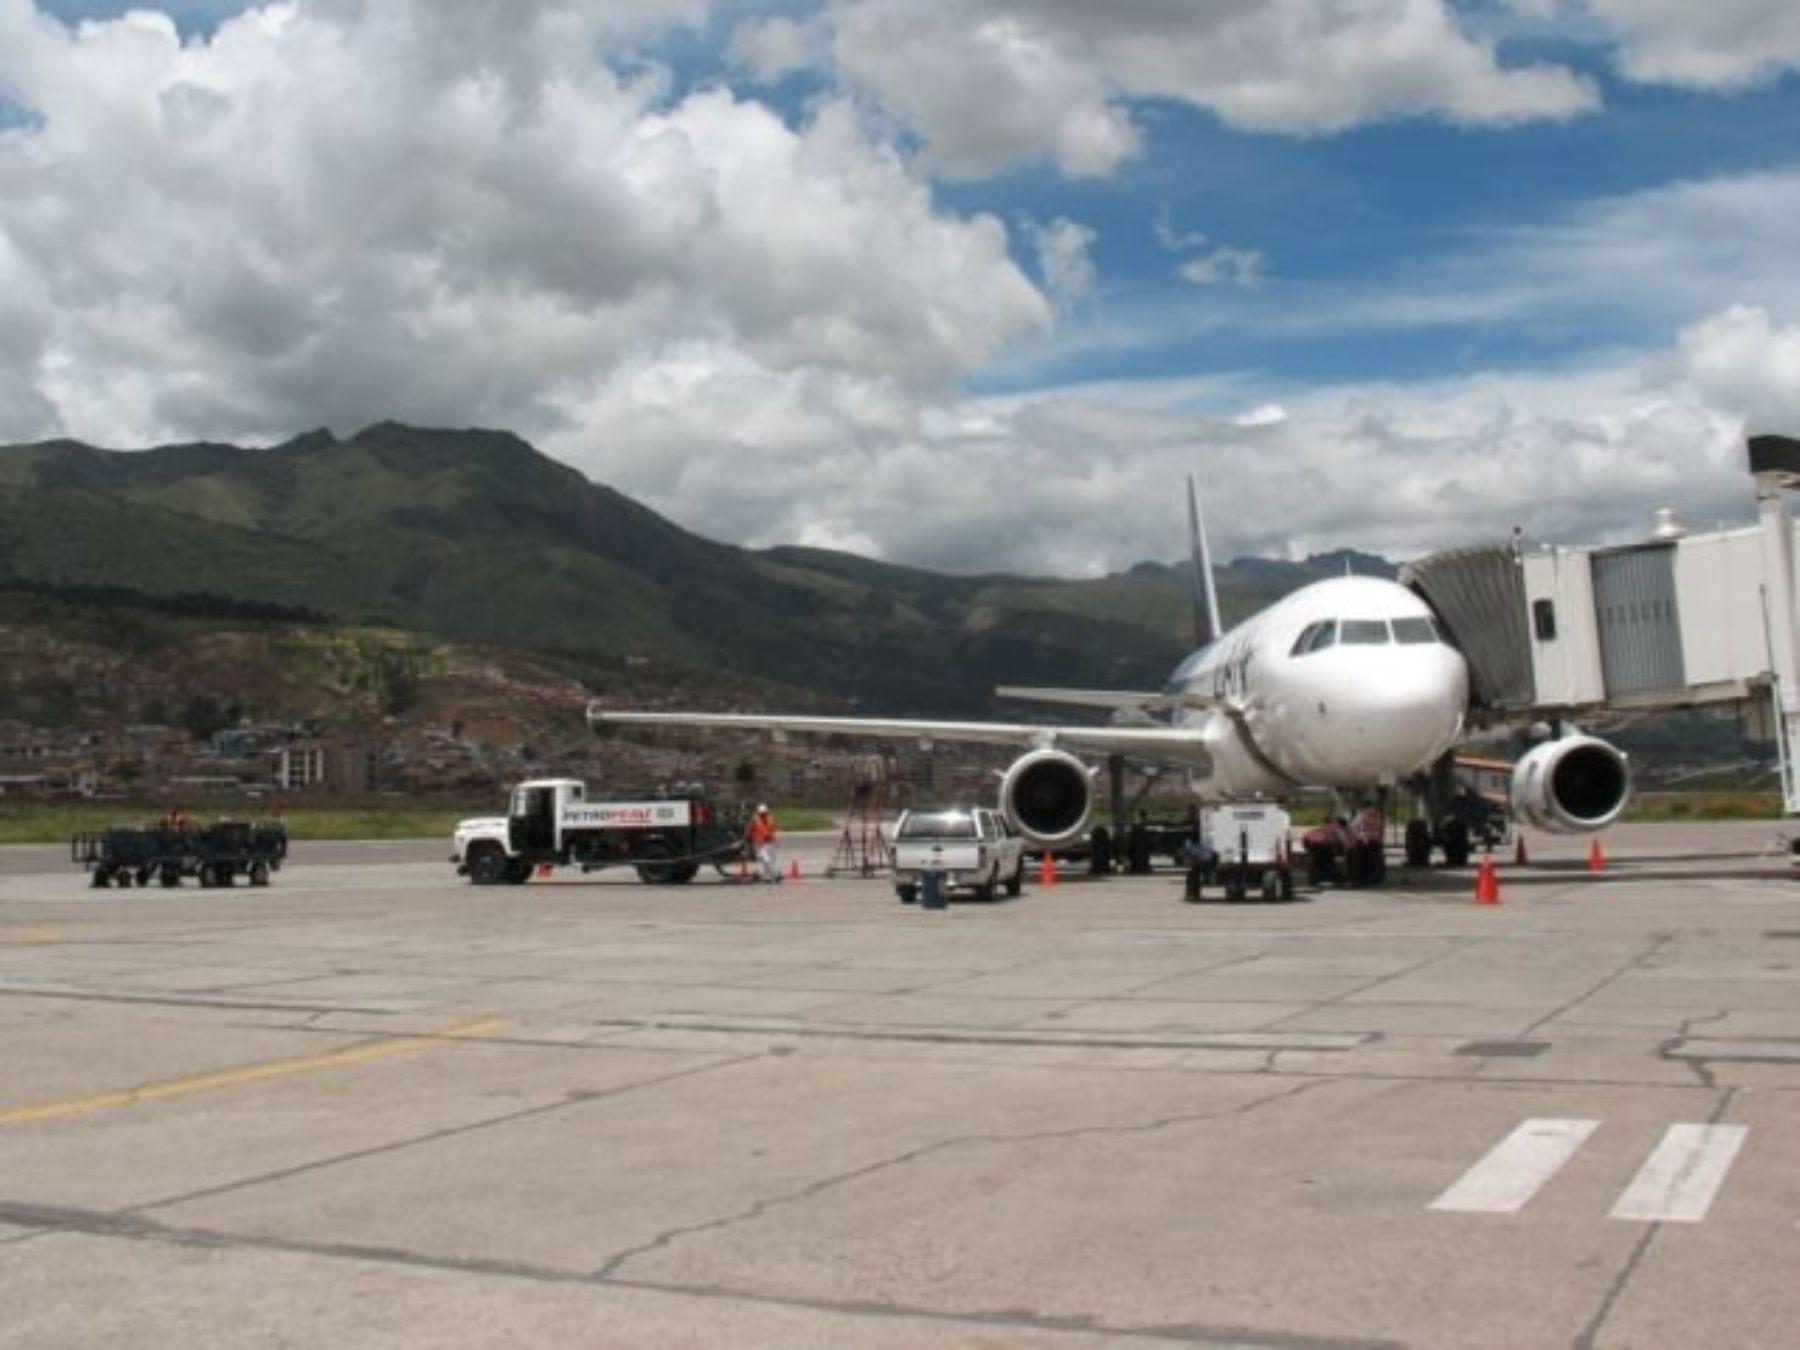 Peru Compras Adquirira Equipos Y Vehiculos Para Aeropuerto De Cusco Noticias Agencia Peruana De Noticias Andina